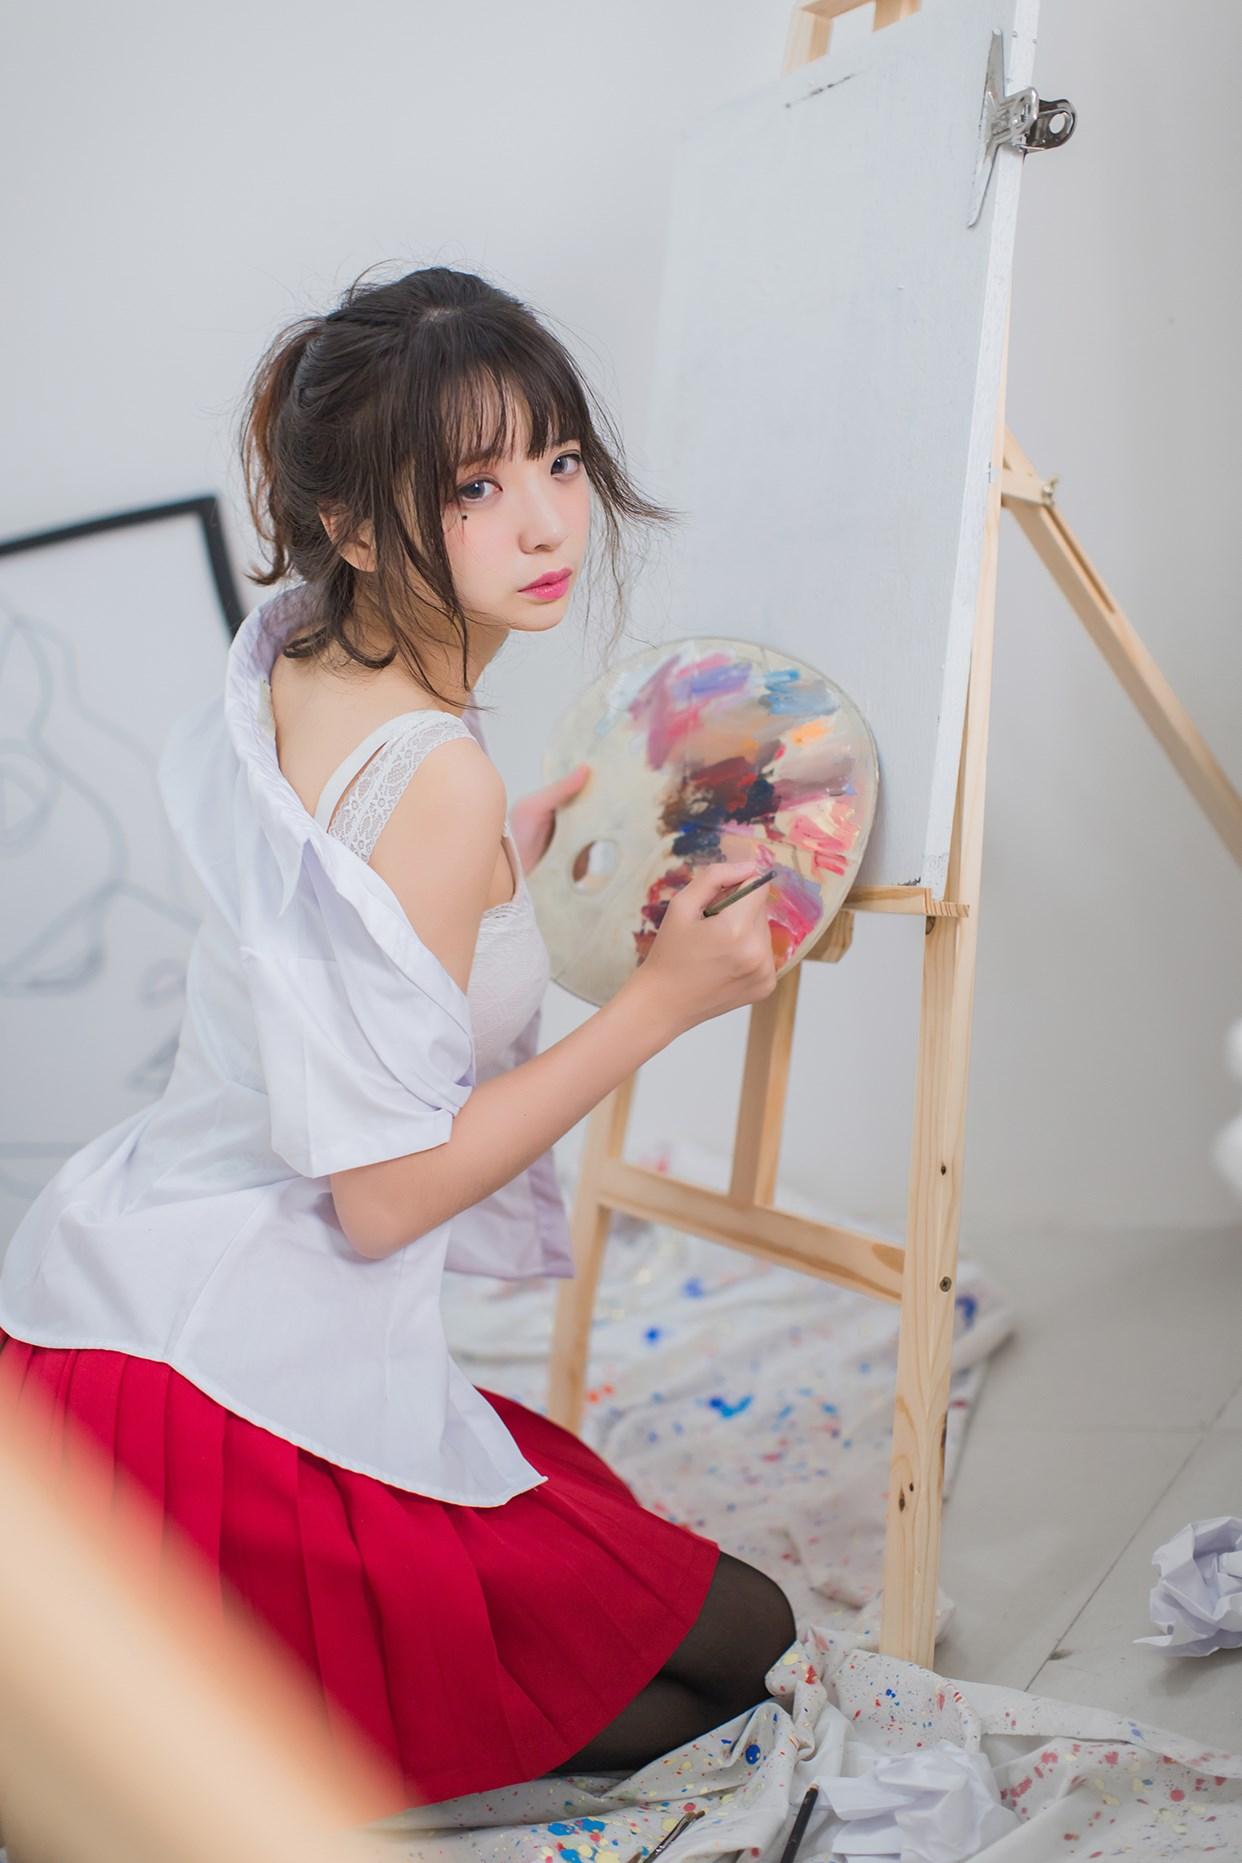 【兔玩映画】黑丝 · JK · 少女 兔玩映画 第23张